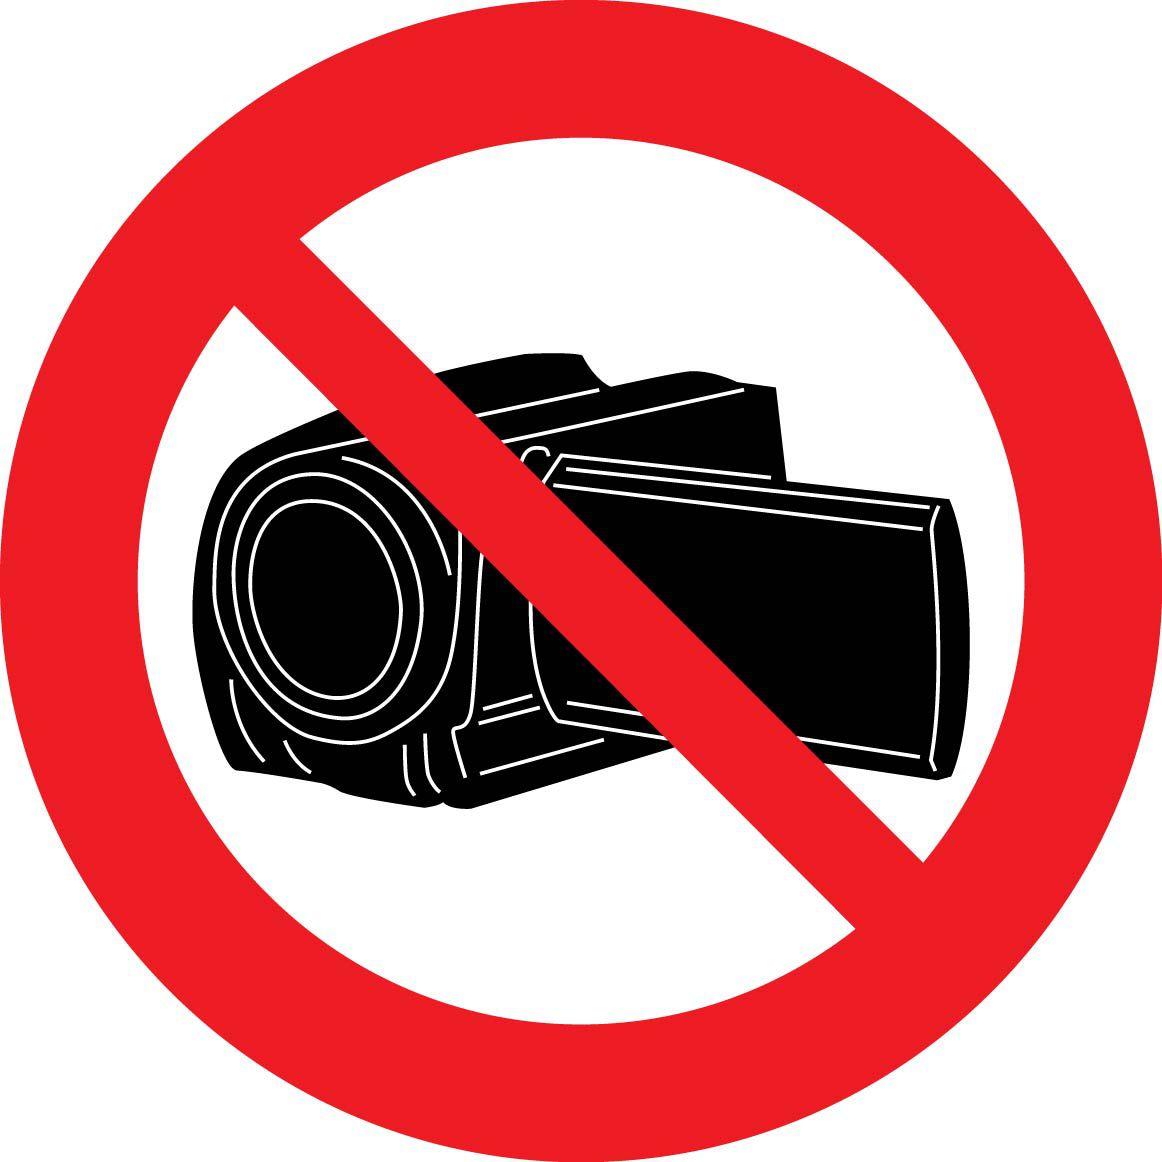 Uzlīme filmēt aizliegts